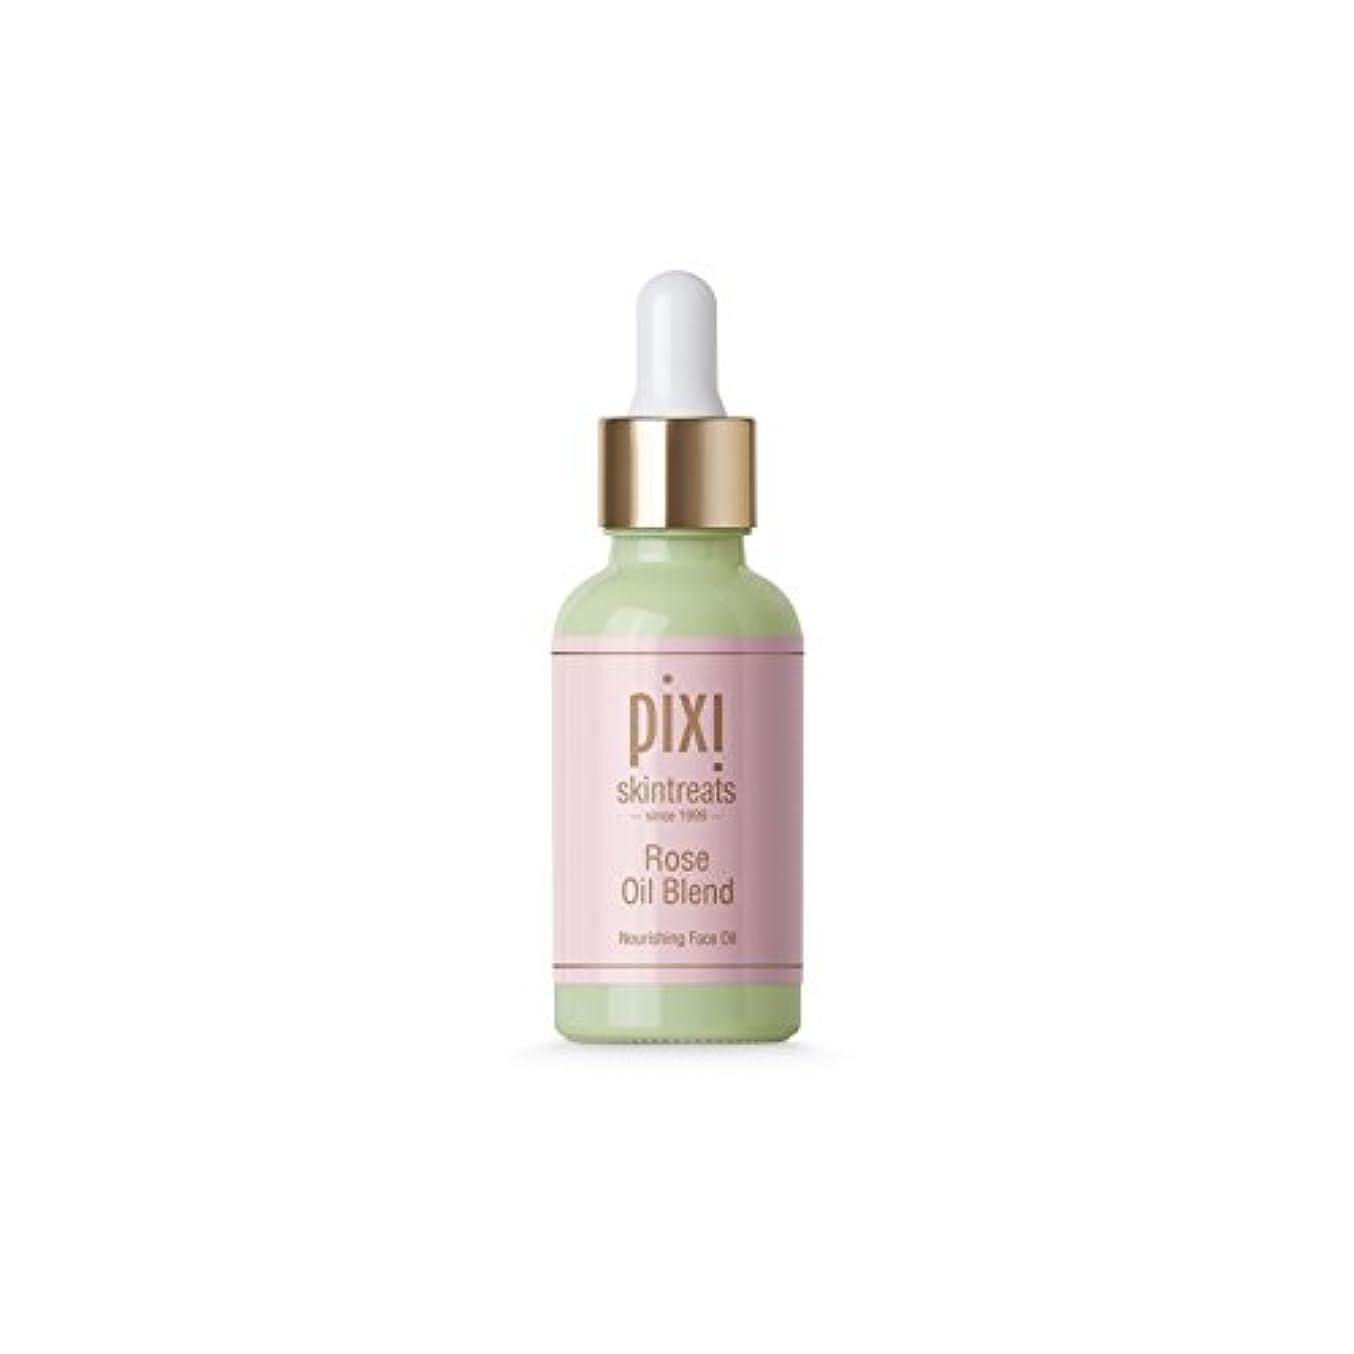 ギャラリーファンタジー首謀者は、油ブレンドをバラ x2 - Pixi Rose Oil Blend (Pack of 2) [並行輸入品]